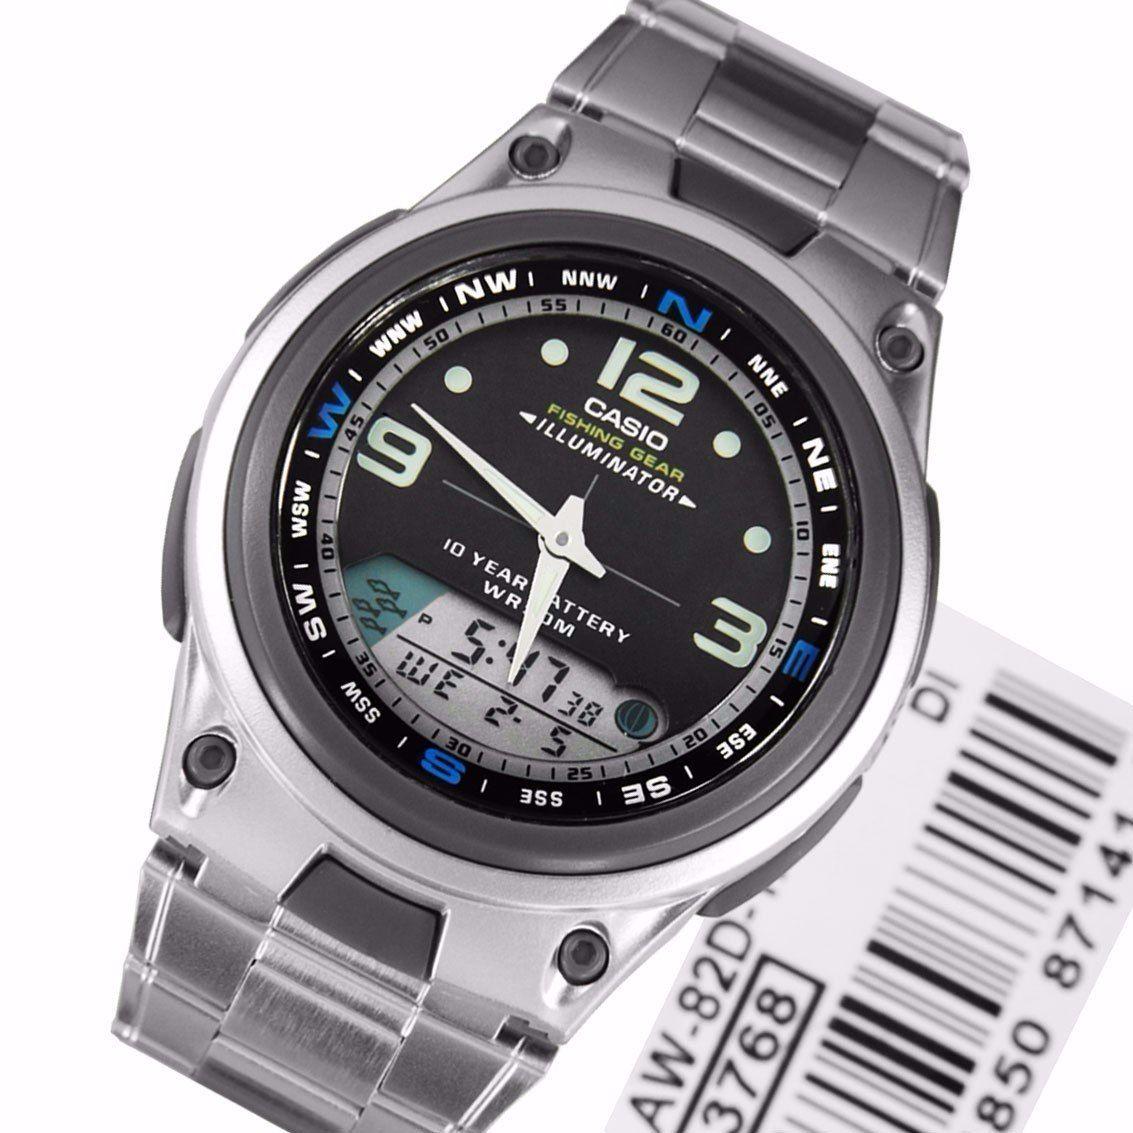 Relógio Casio Fishing gear - PESCA E FASES DA LUA - Pulseira de aço com mostrador preto - AW-82D  - MGPesca